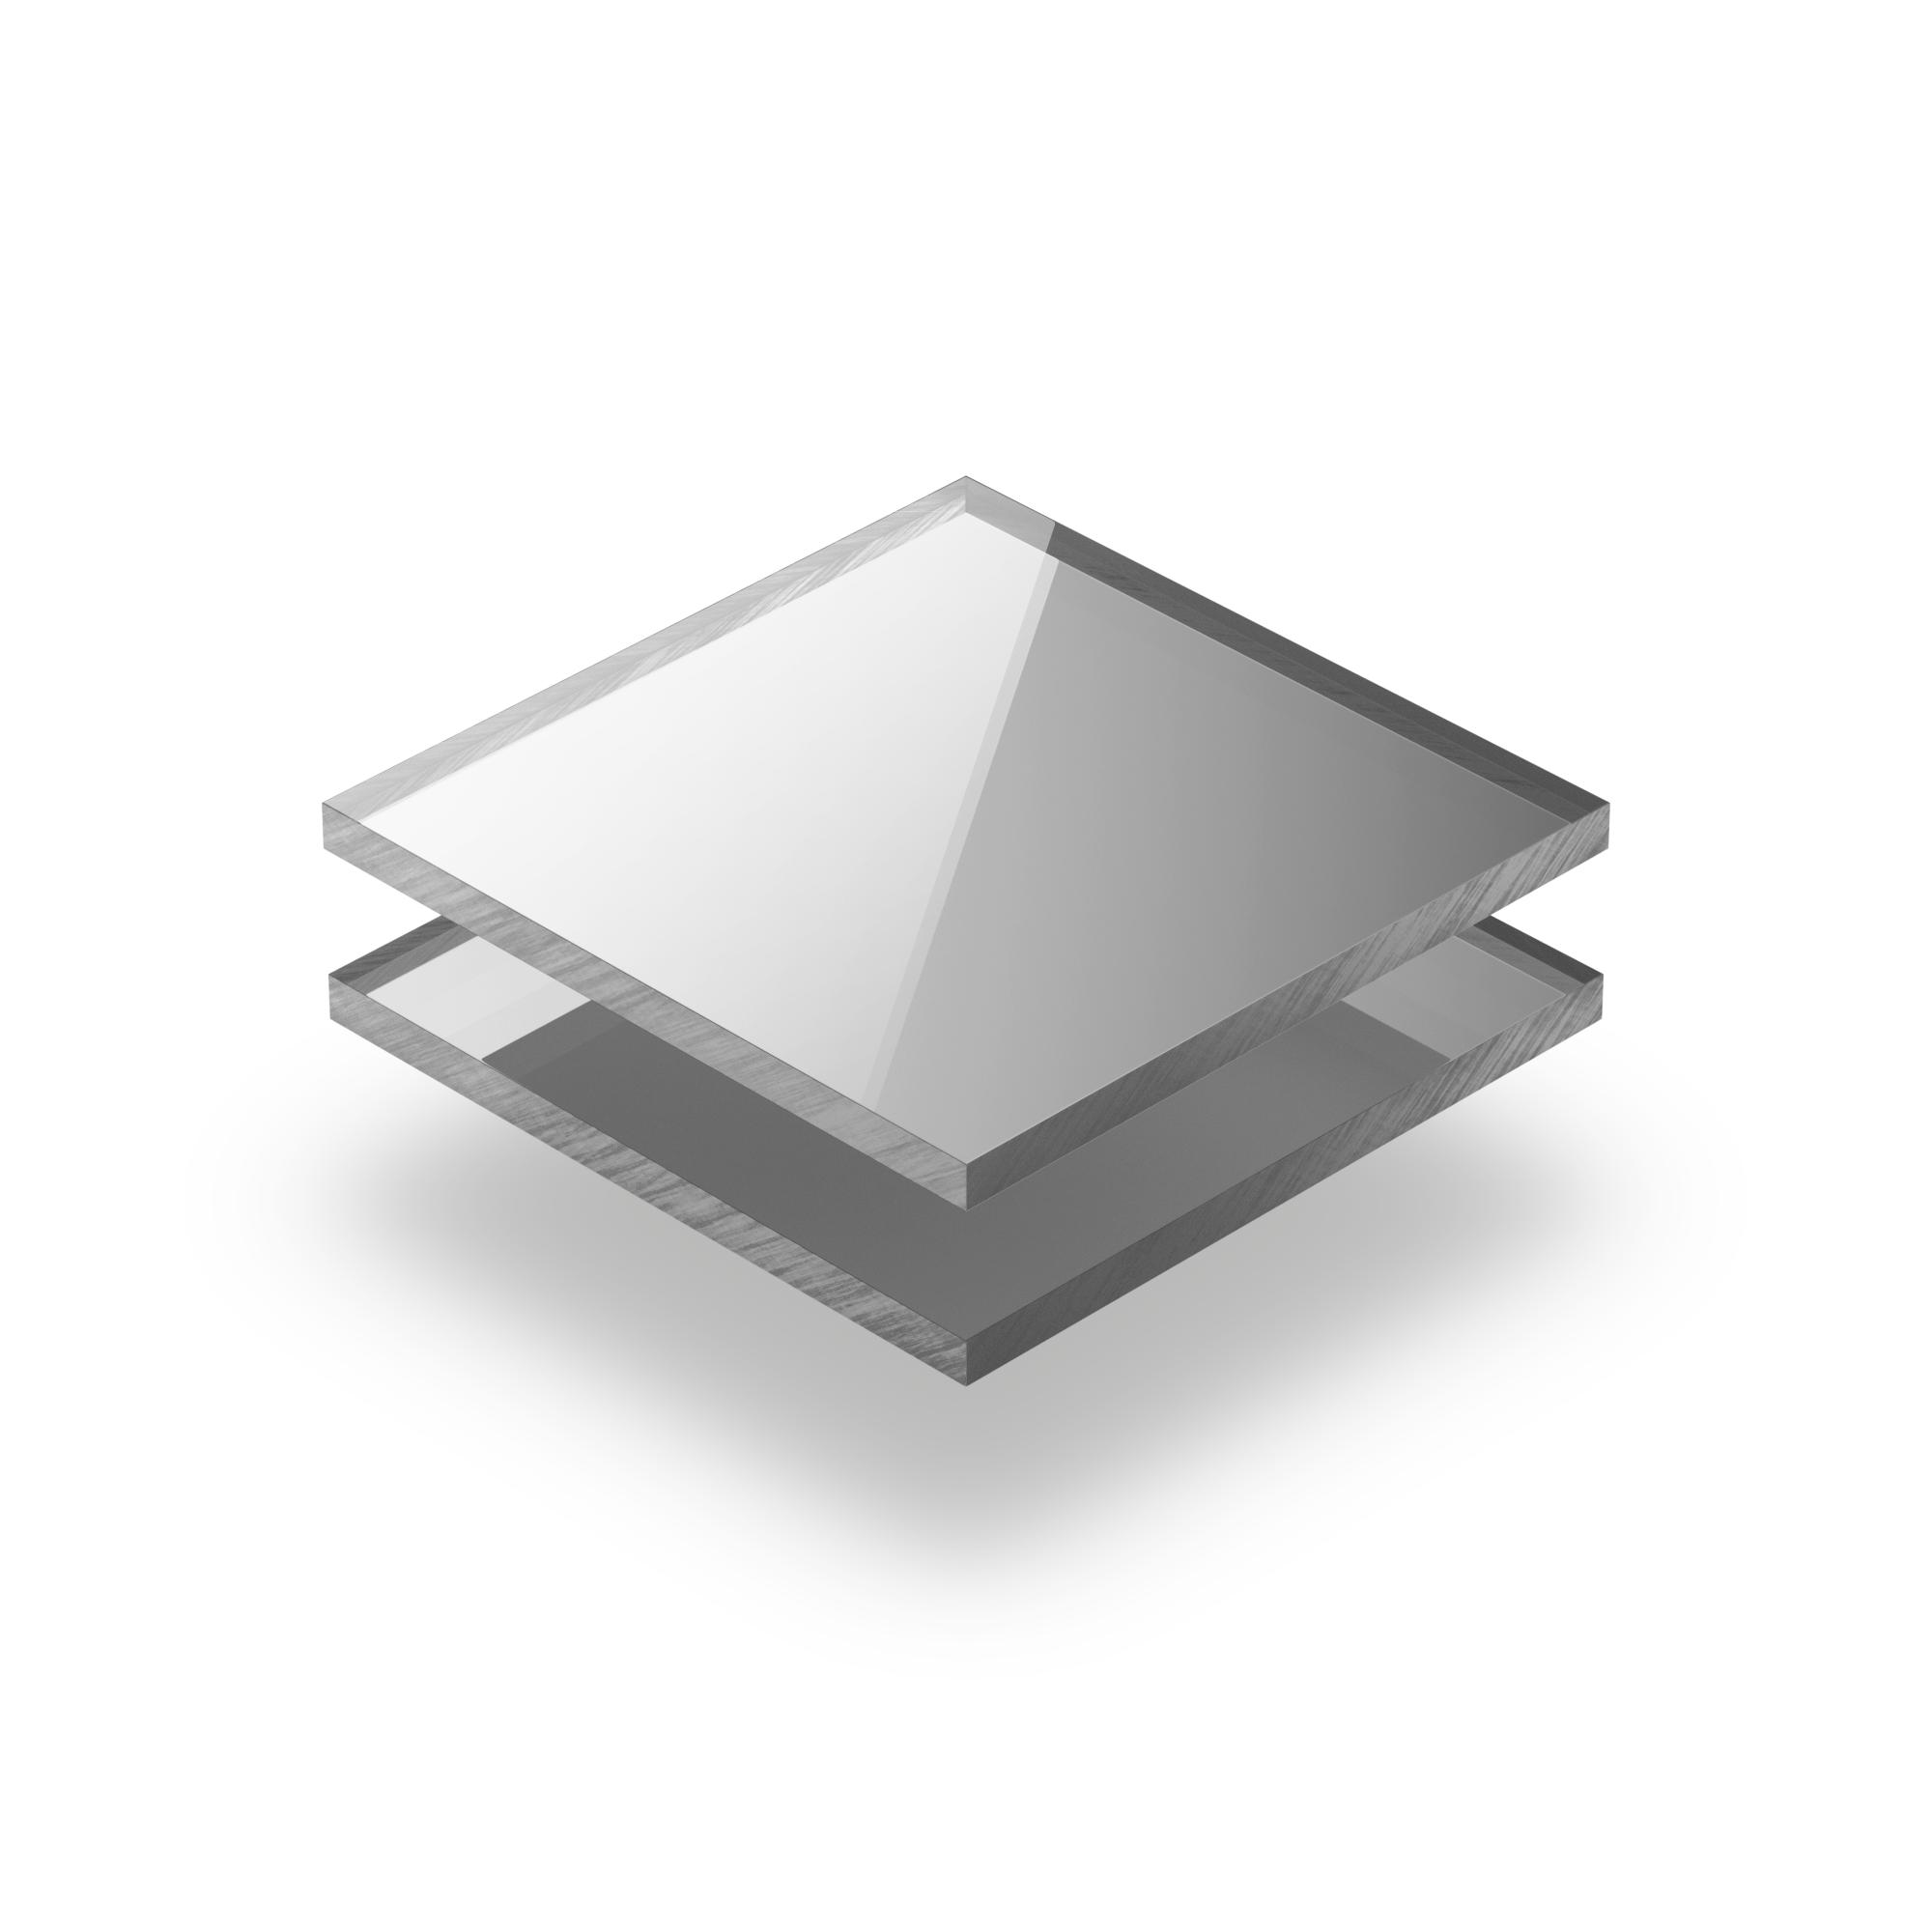 Plexiglas plaat spiegel zilver 3 mm gratis op maat gezaagd for Spiegel reinigen